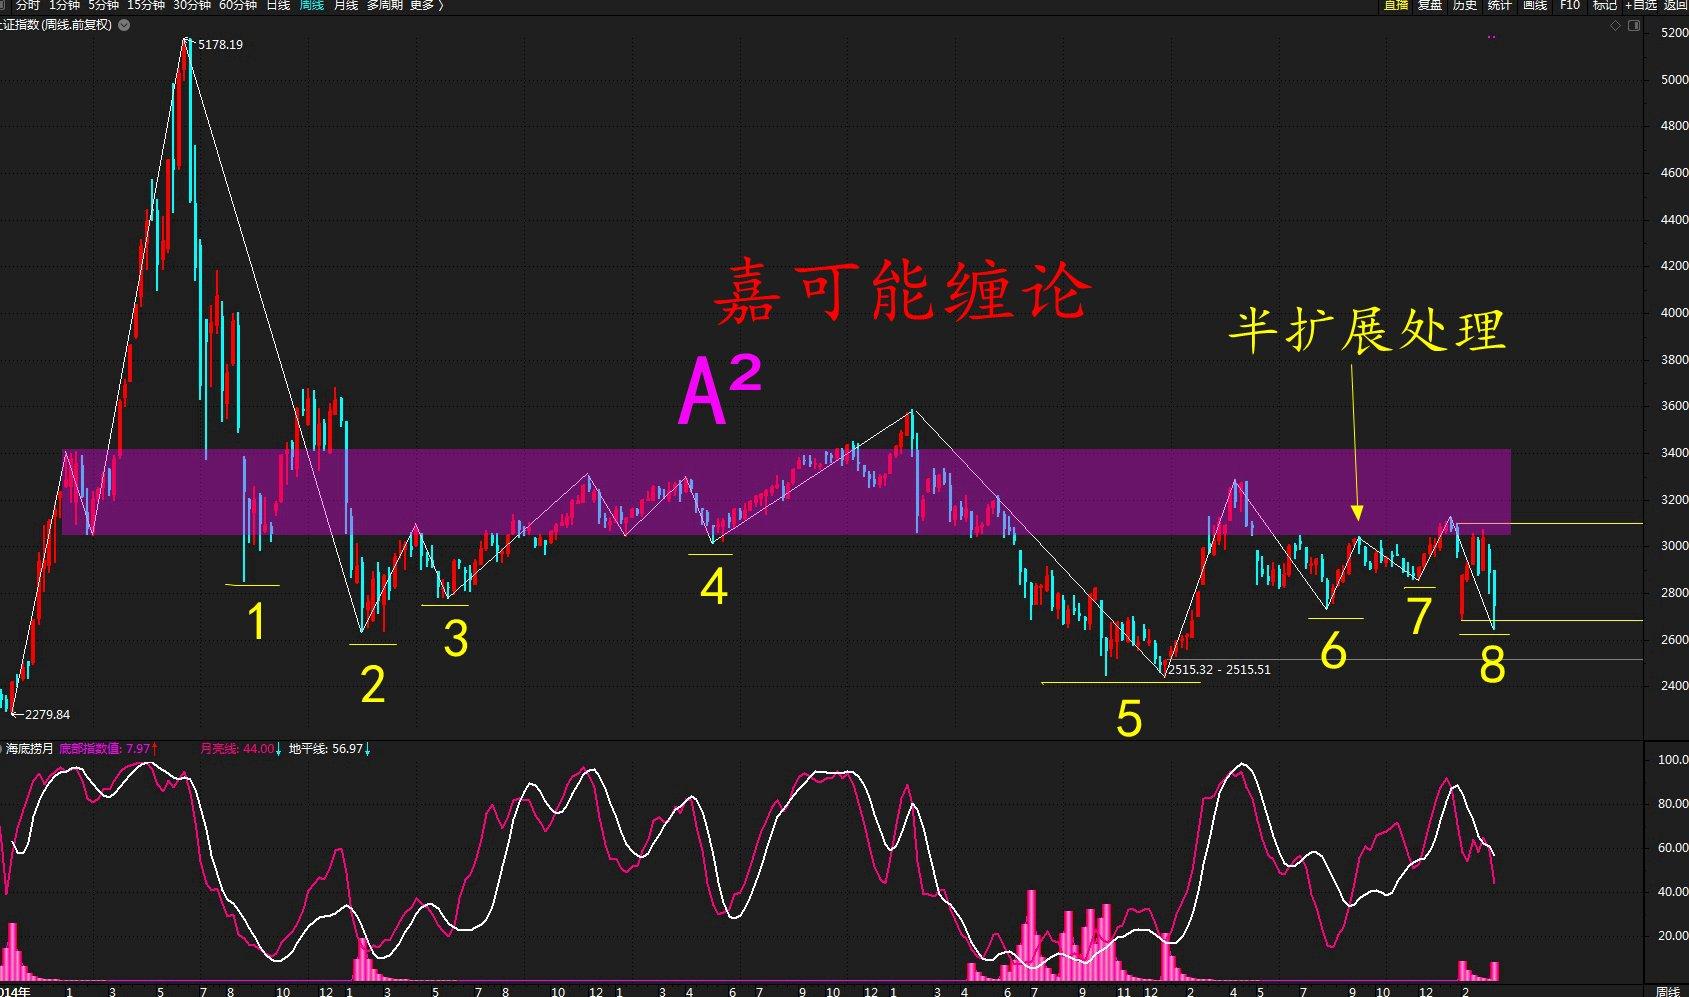 湖南黄金 SZ002155 7.76(+0.11 +1.44%)- 新浪财经